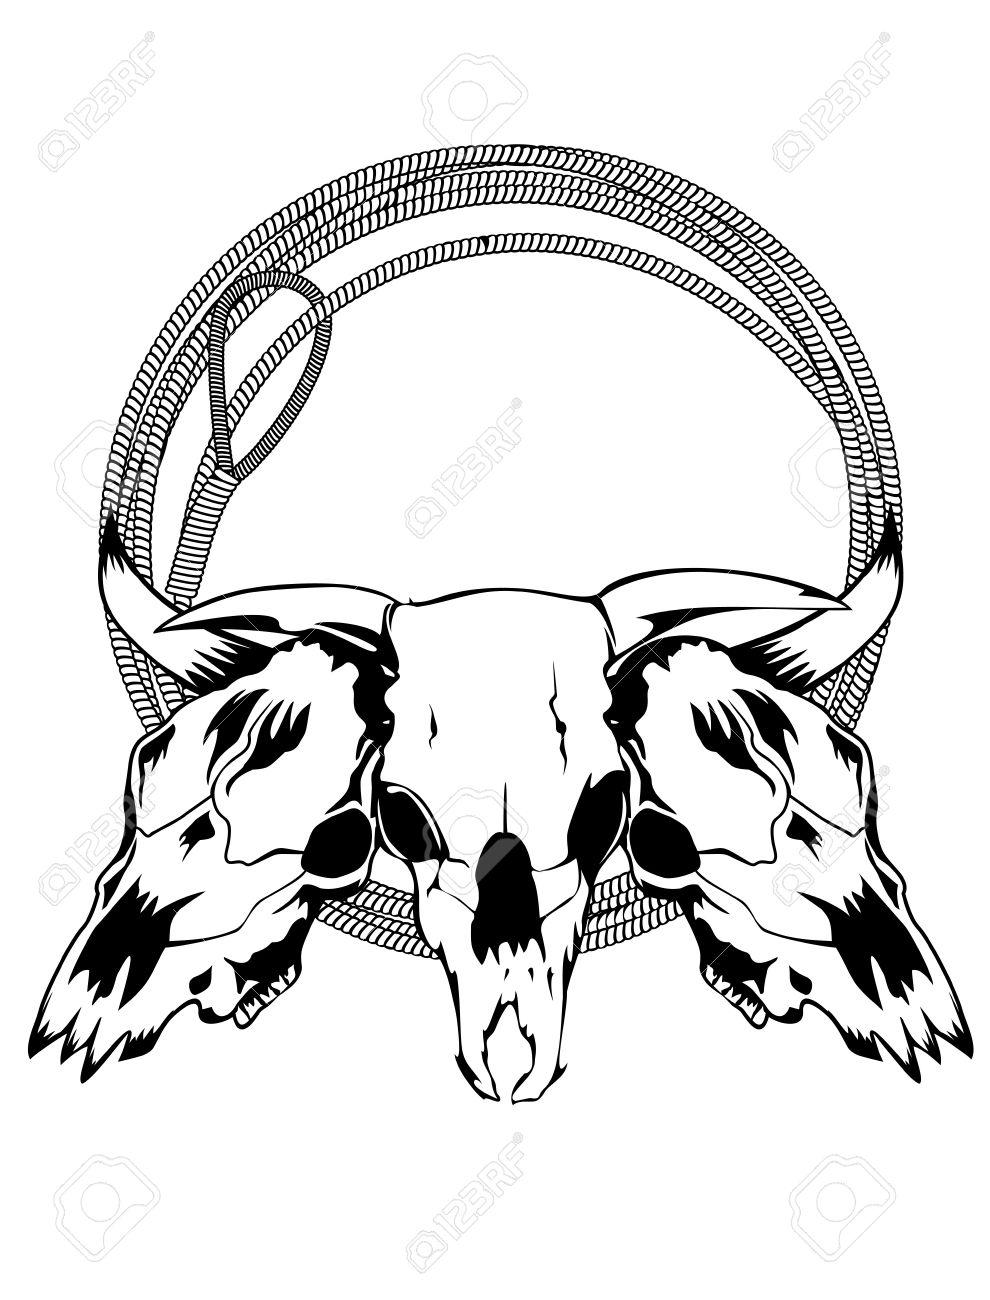 990x1300 Drawn Bulls Bull Skull